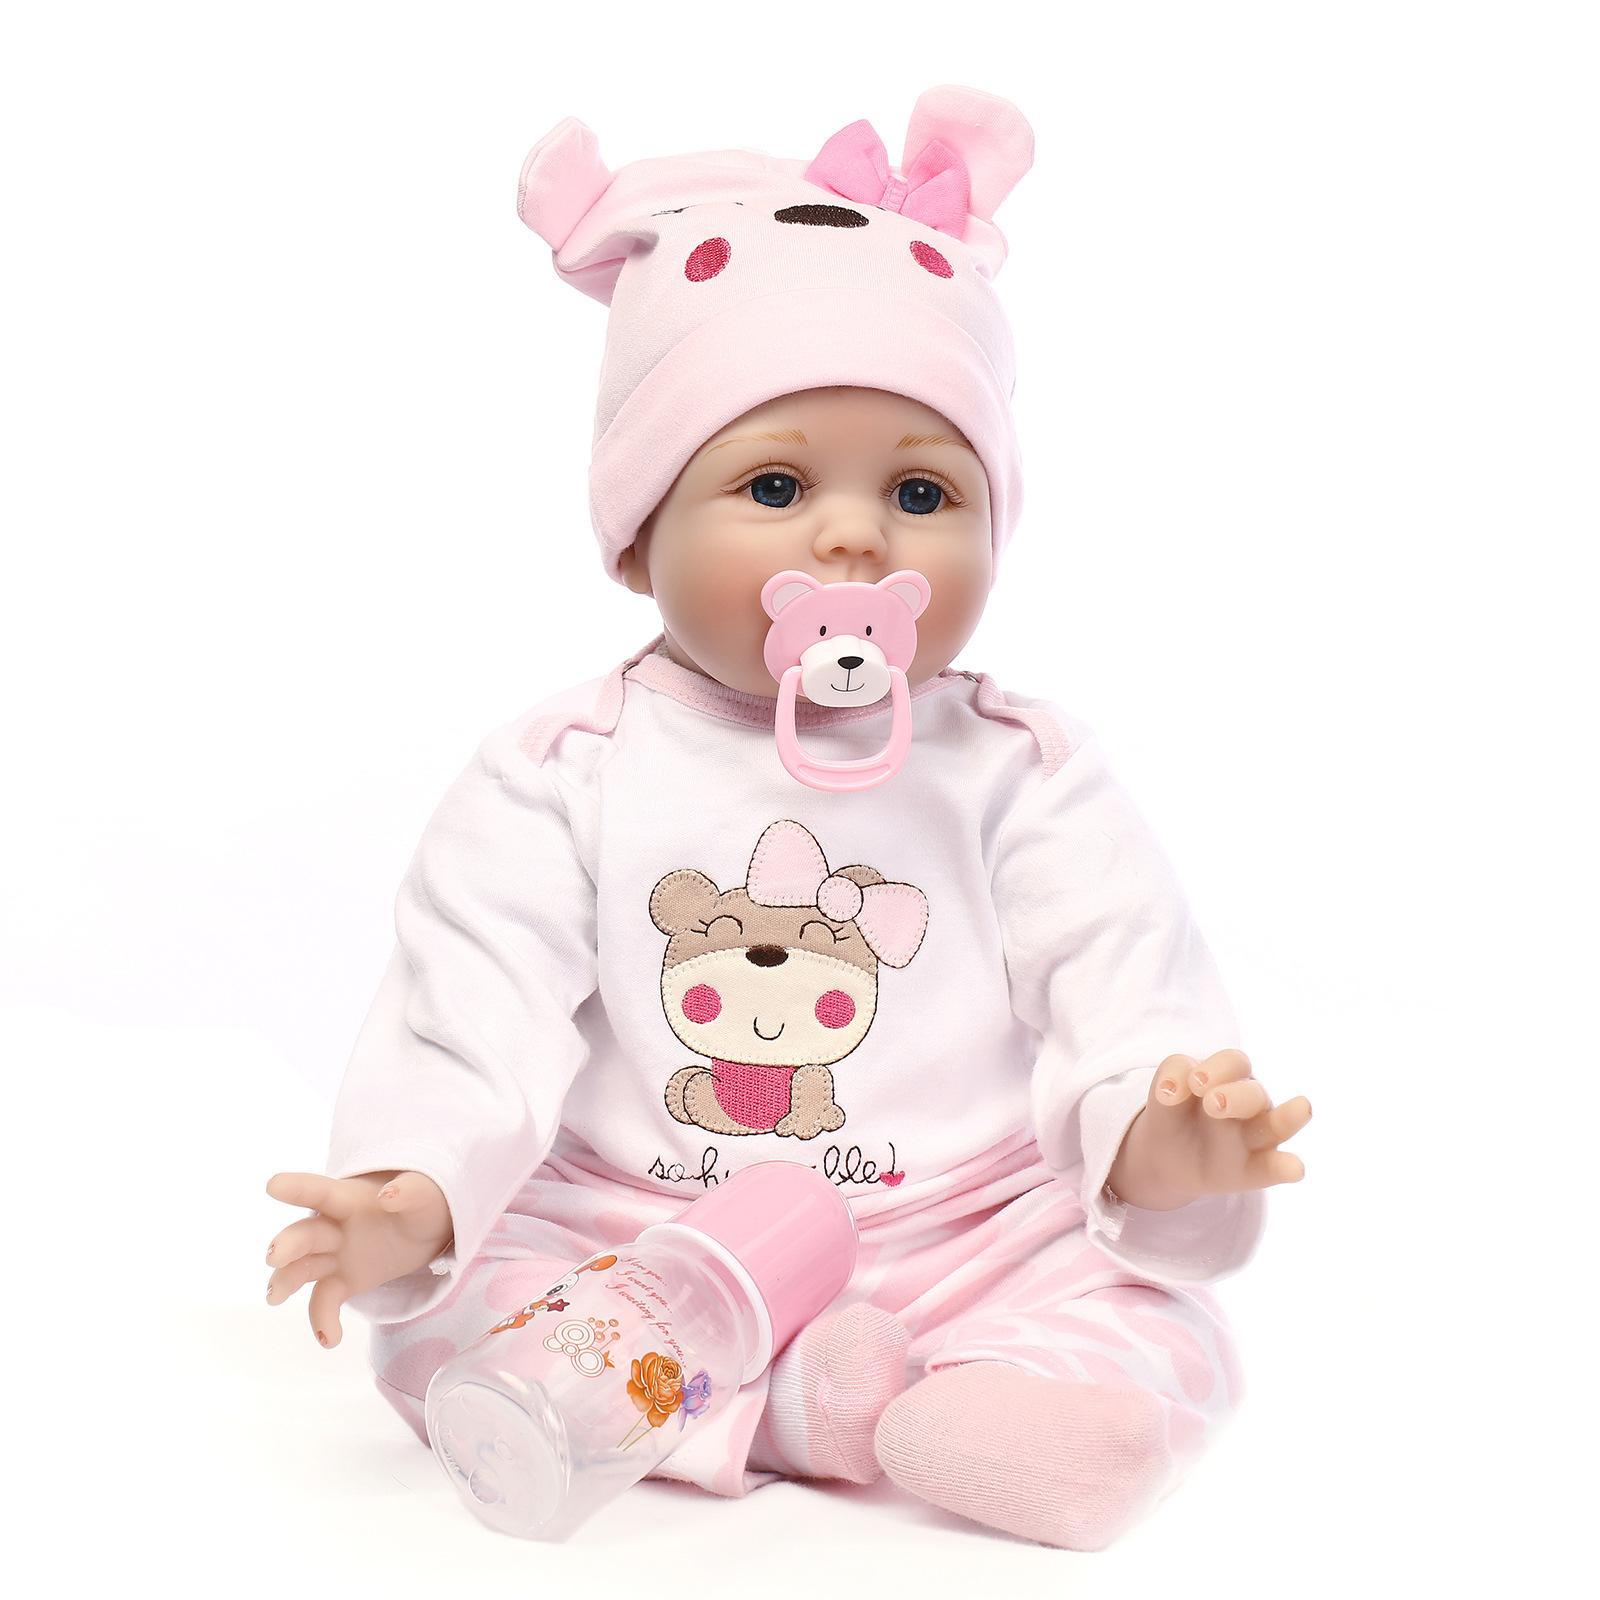 Yesteria Натурально Возрождается Кукла Силикона Девушки Розовый 22 Дюйма